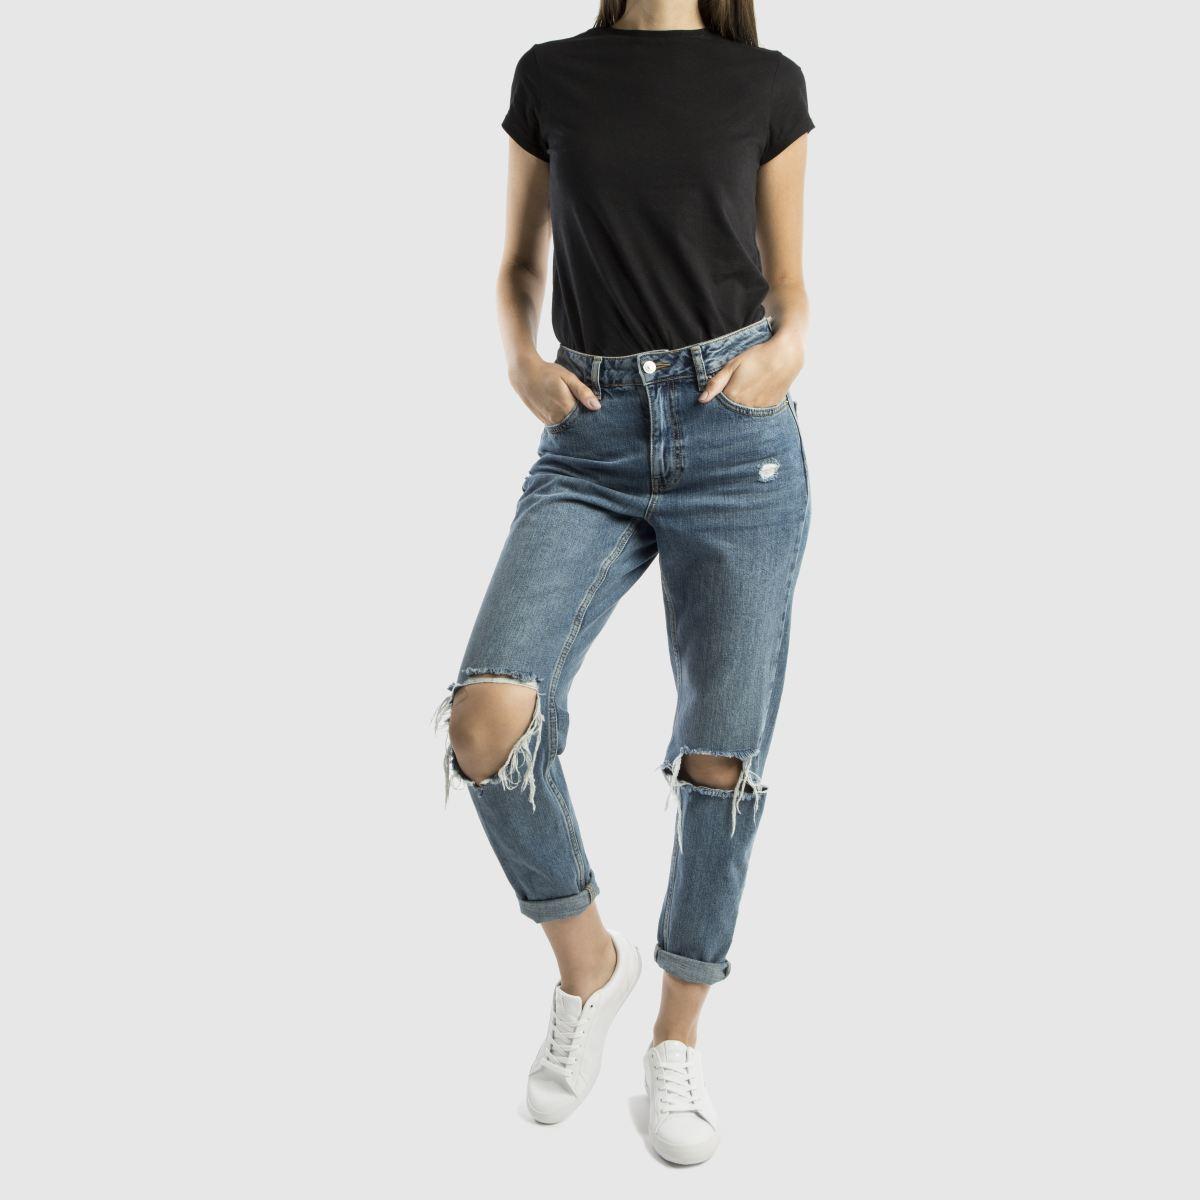 Damen Weiß lacoste Gute Lerond Sneaker | schuh Gute lacoste Qualität beliebte Schuhe d0d727